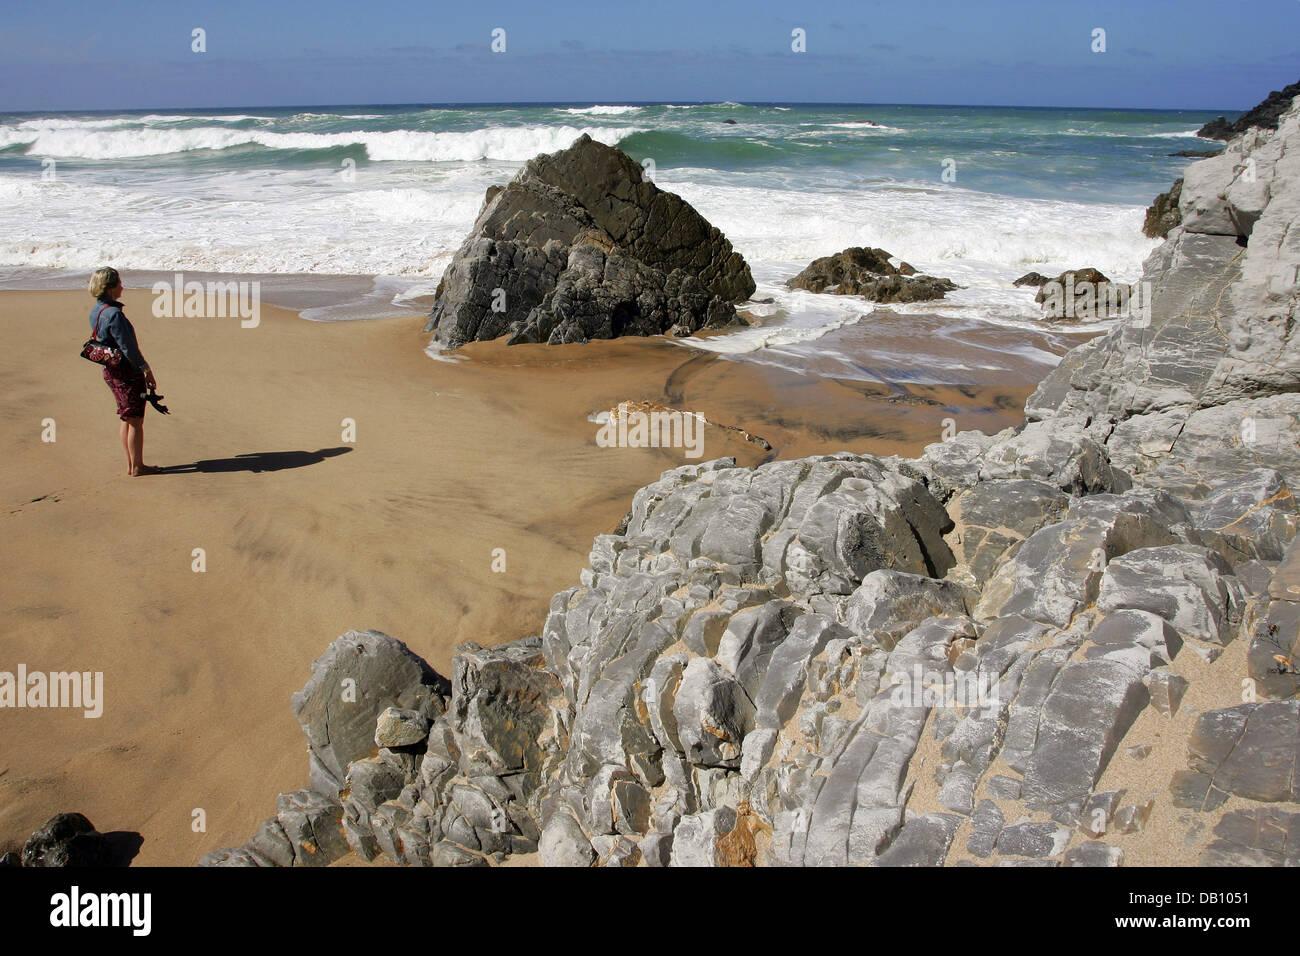 Una Mujer Que Disfruta De La Playa Con Rocas Y Las Olas En La Playa